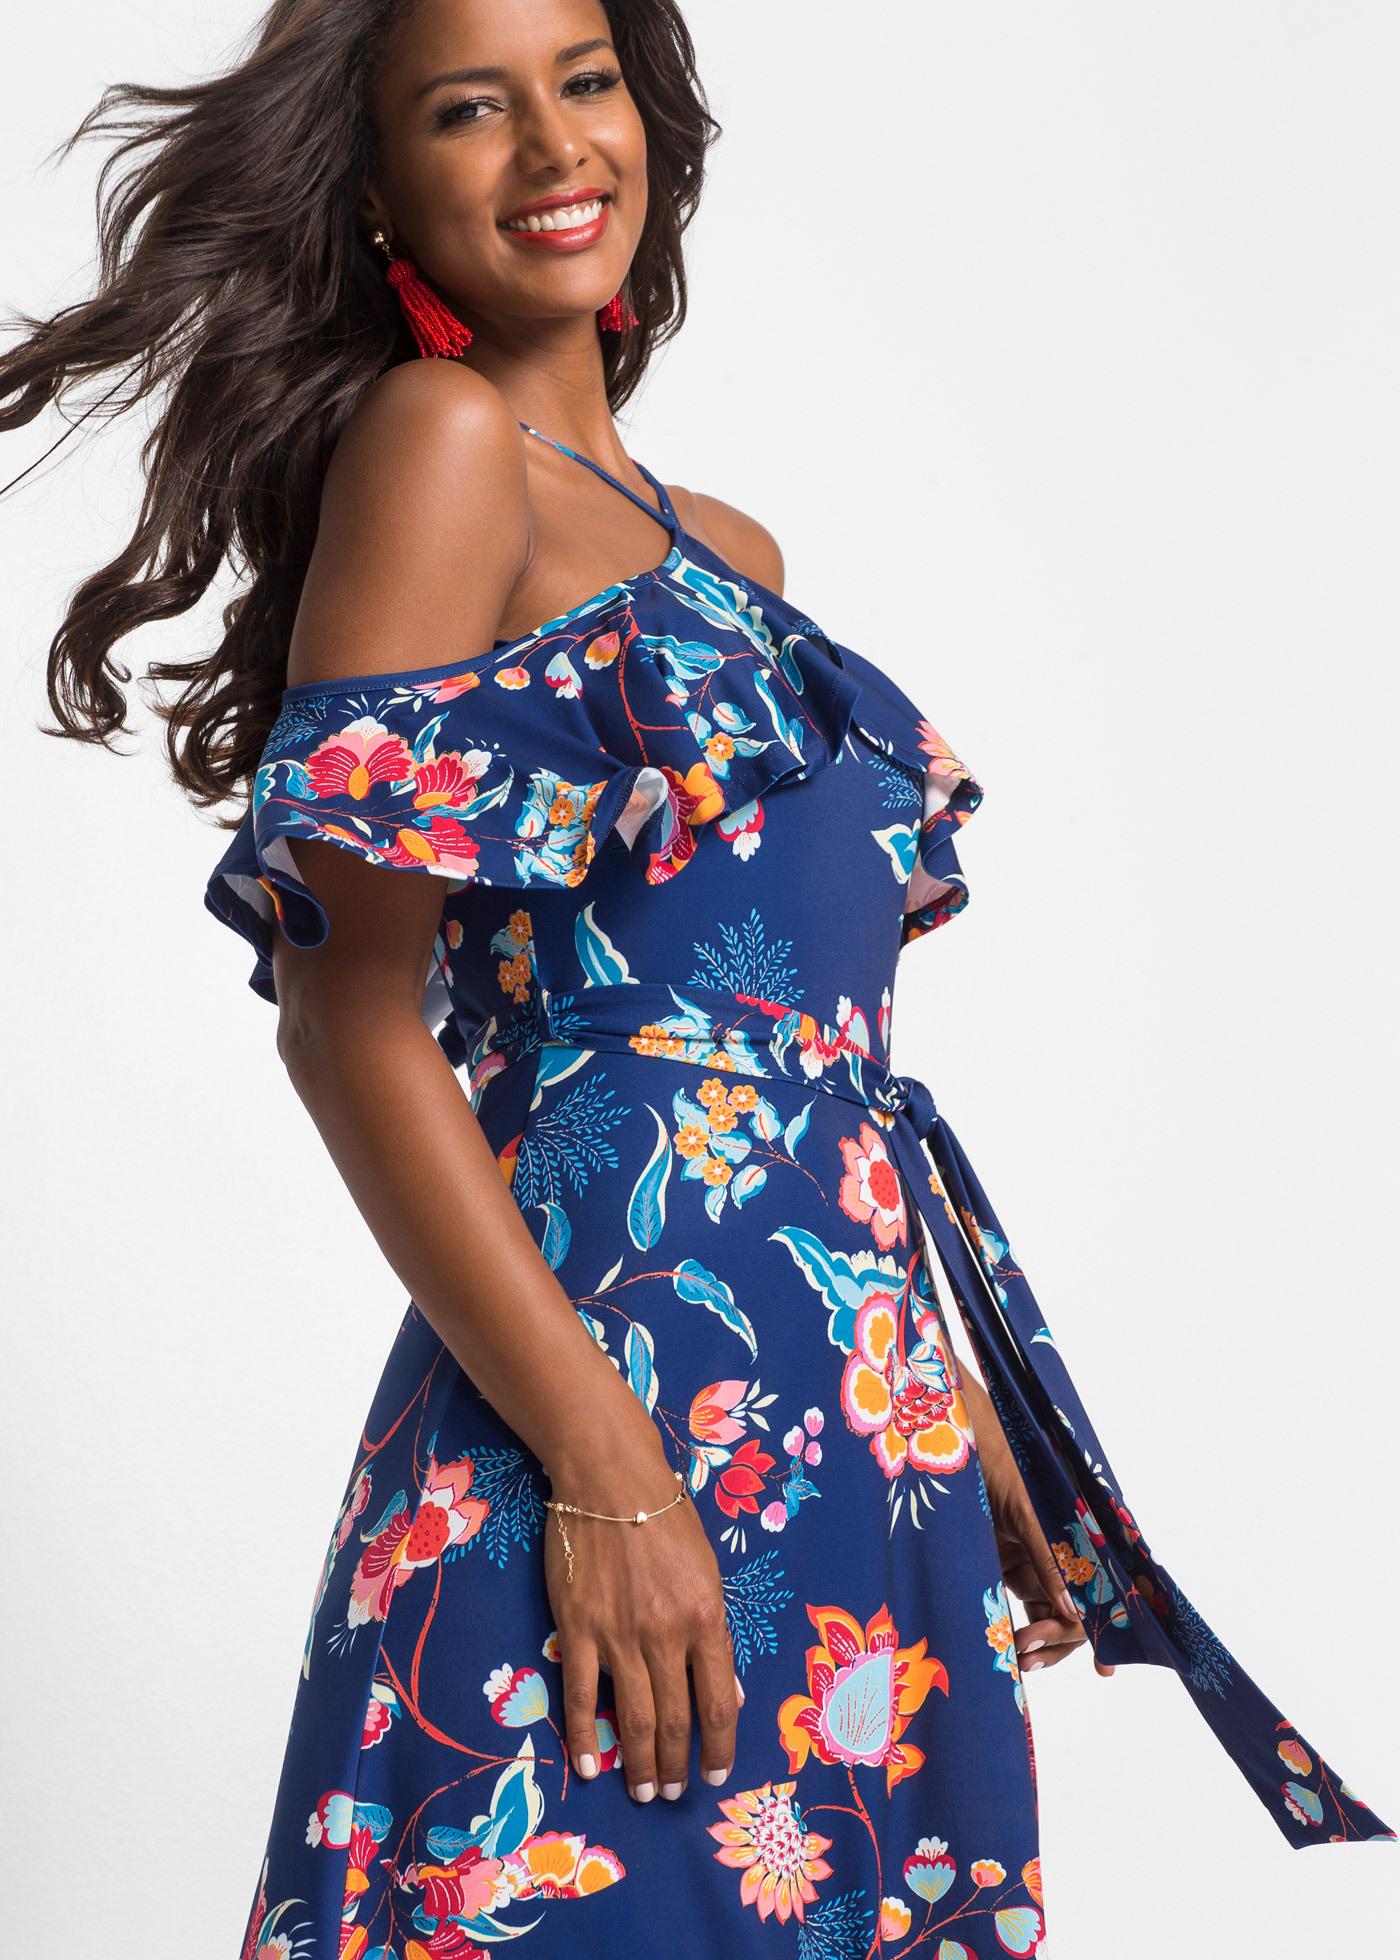 Dieses Stilvolle Maxikleid Bringt Jede Frau Zum Strahlen Das Oberteil Ist Körperbetont